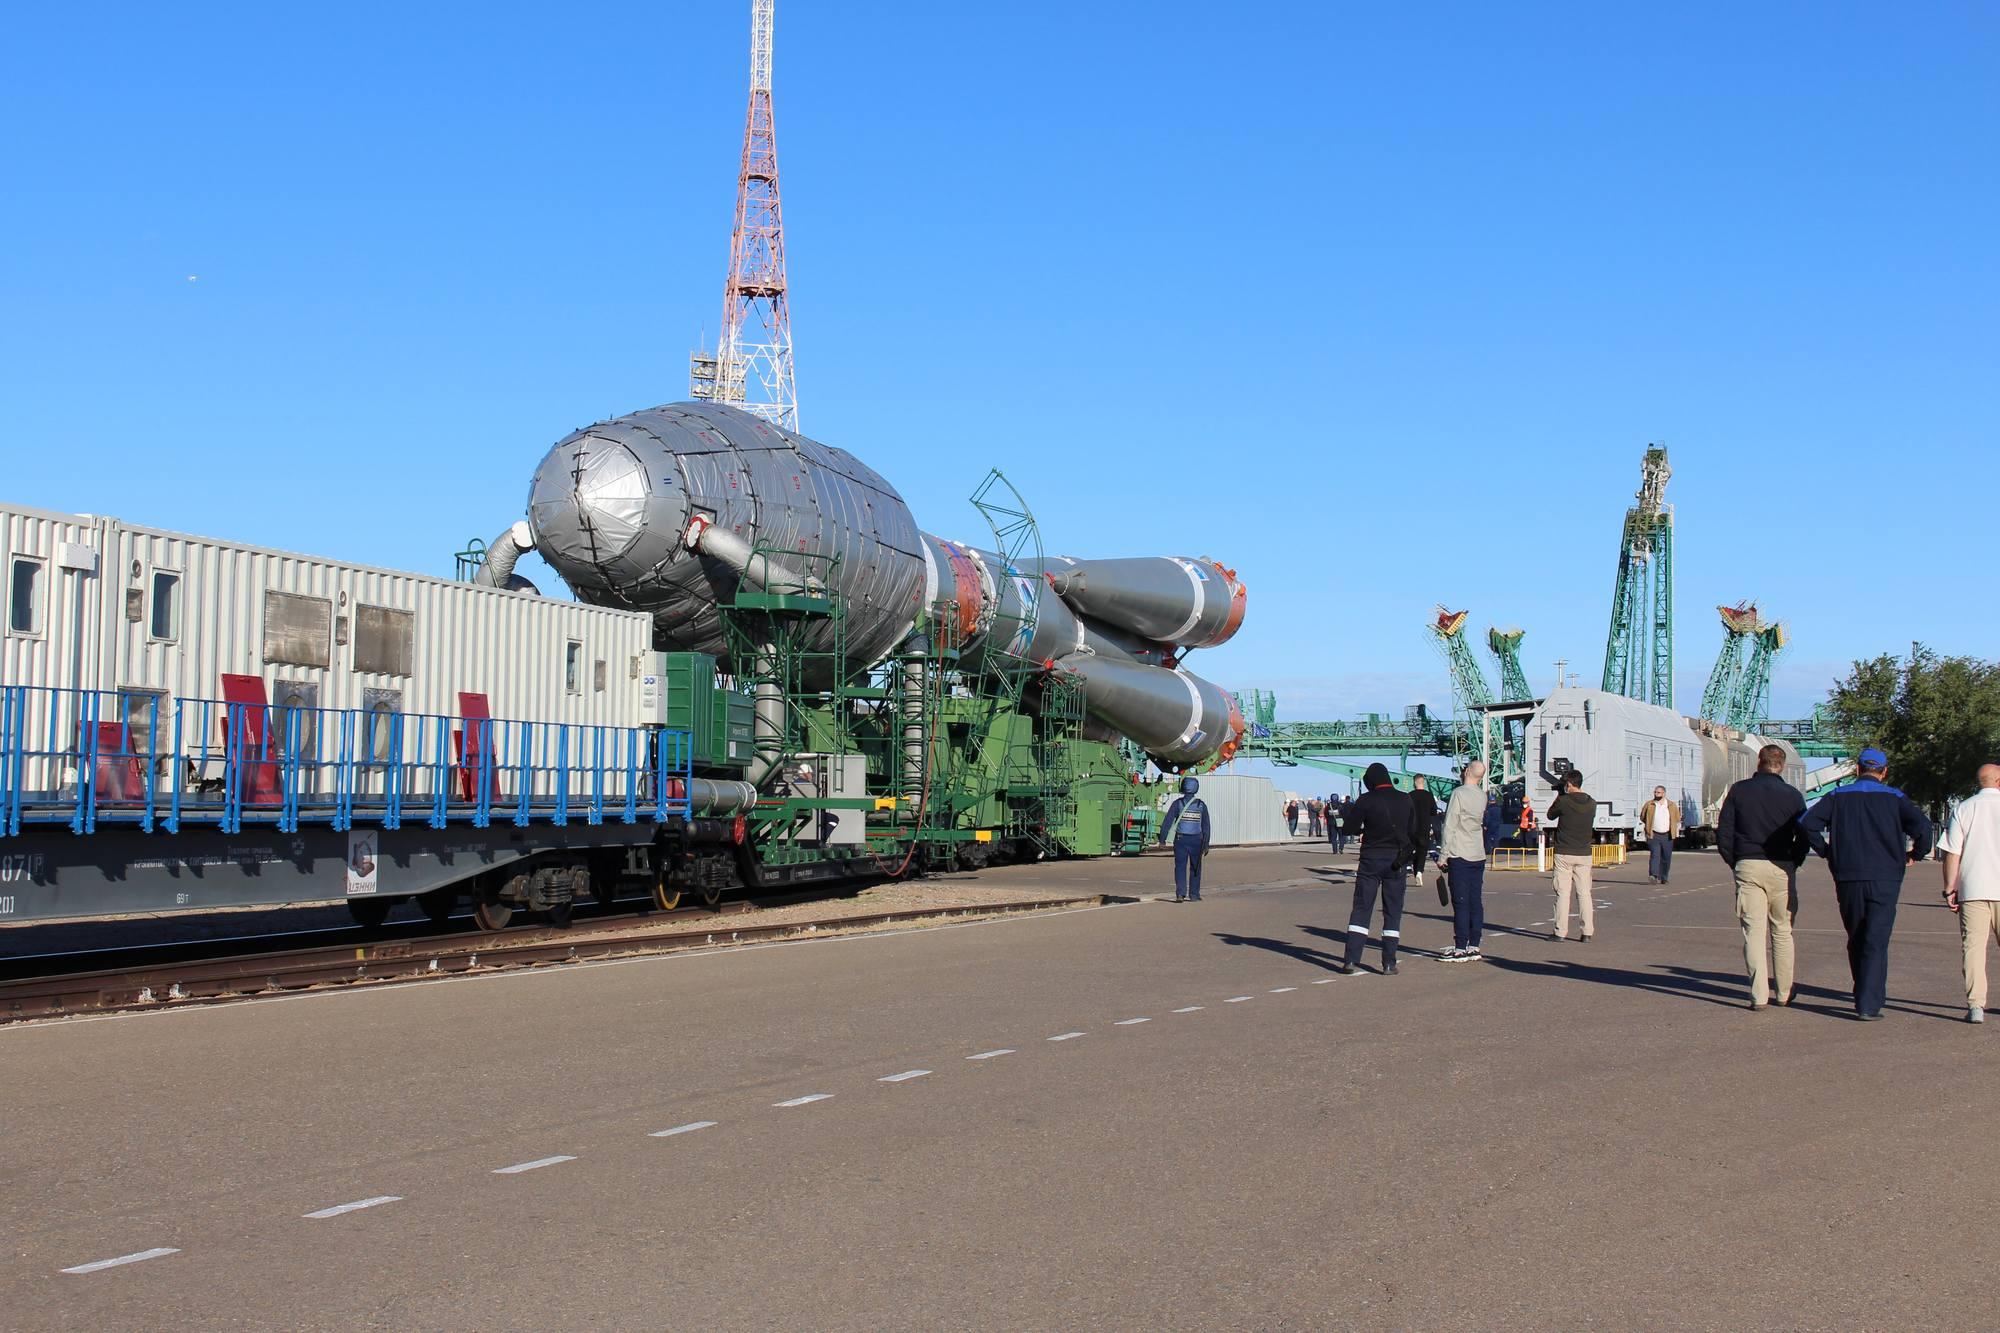 Arrivée sur le pas de tir Vostok (31/6).